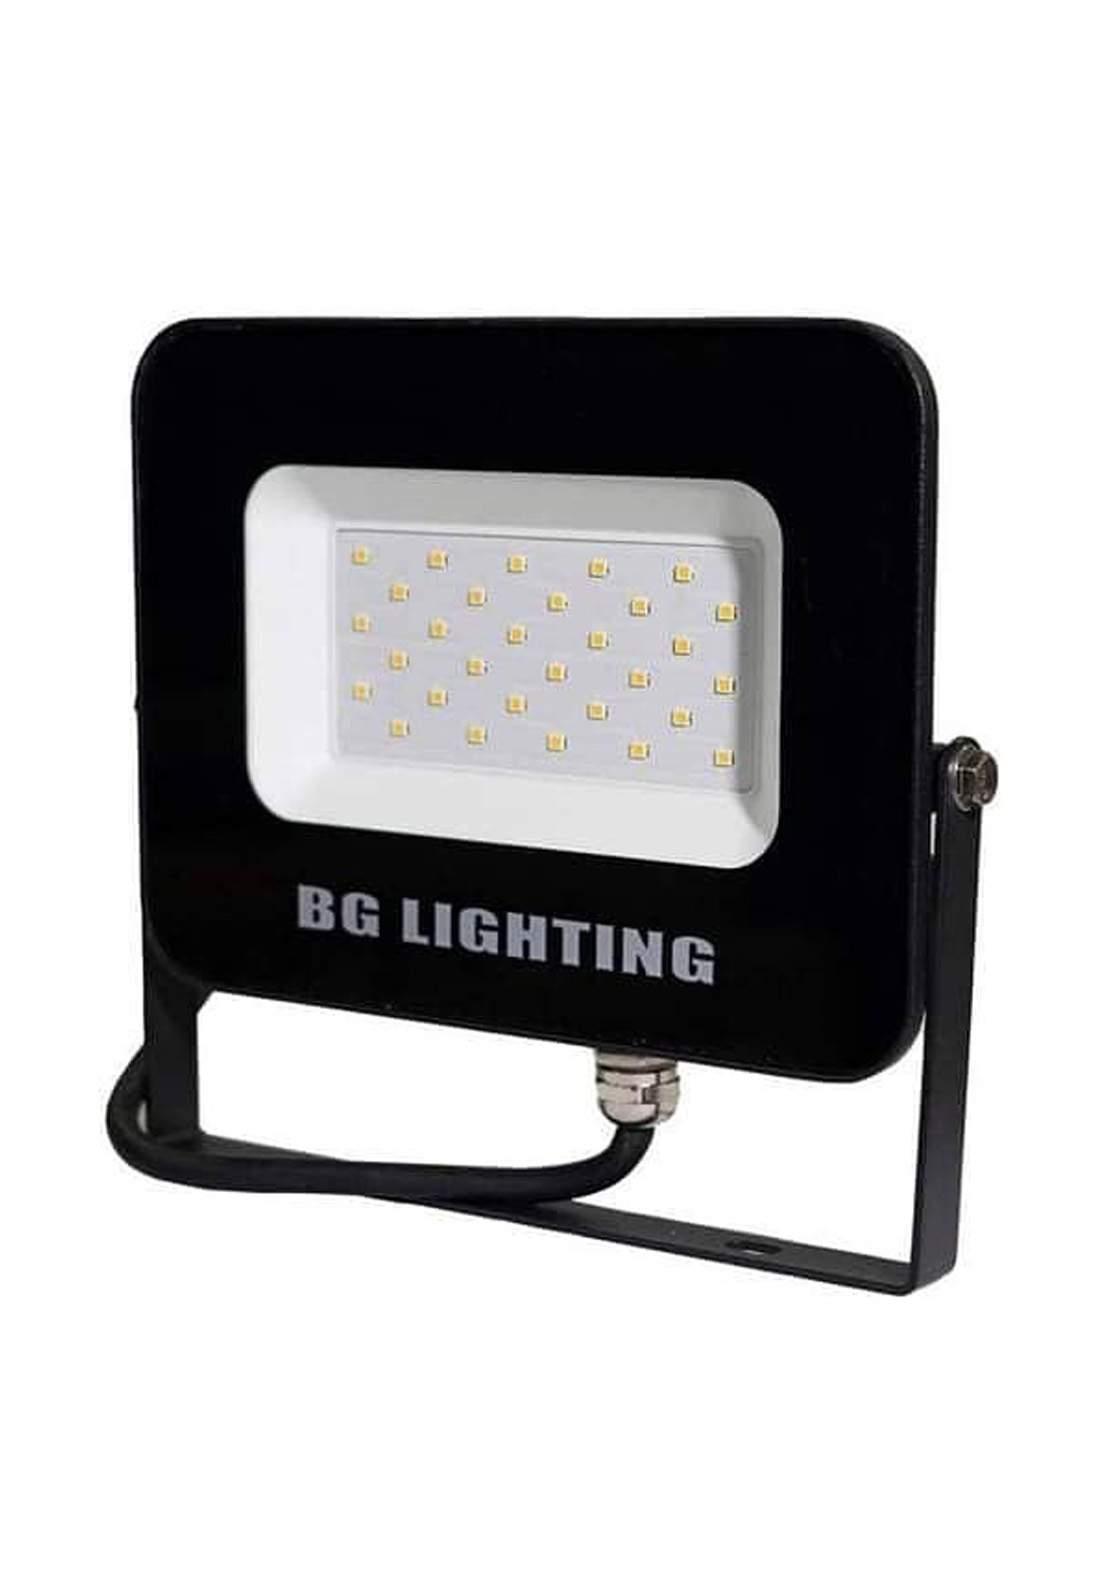 BG LED Floodlight 30 W بروجيكتر ليد